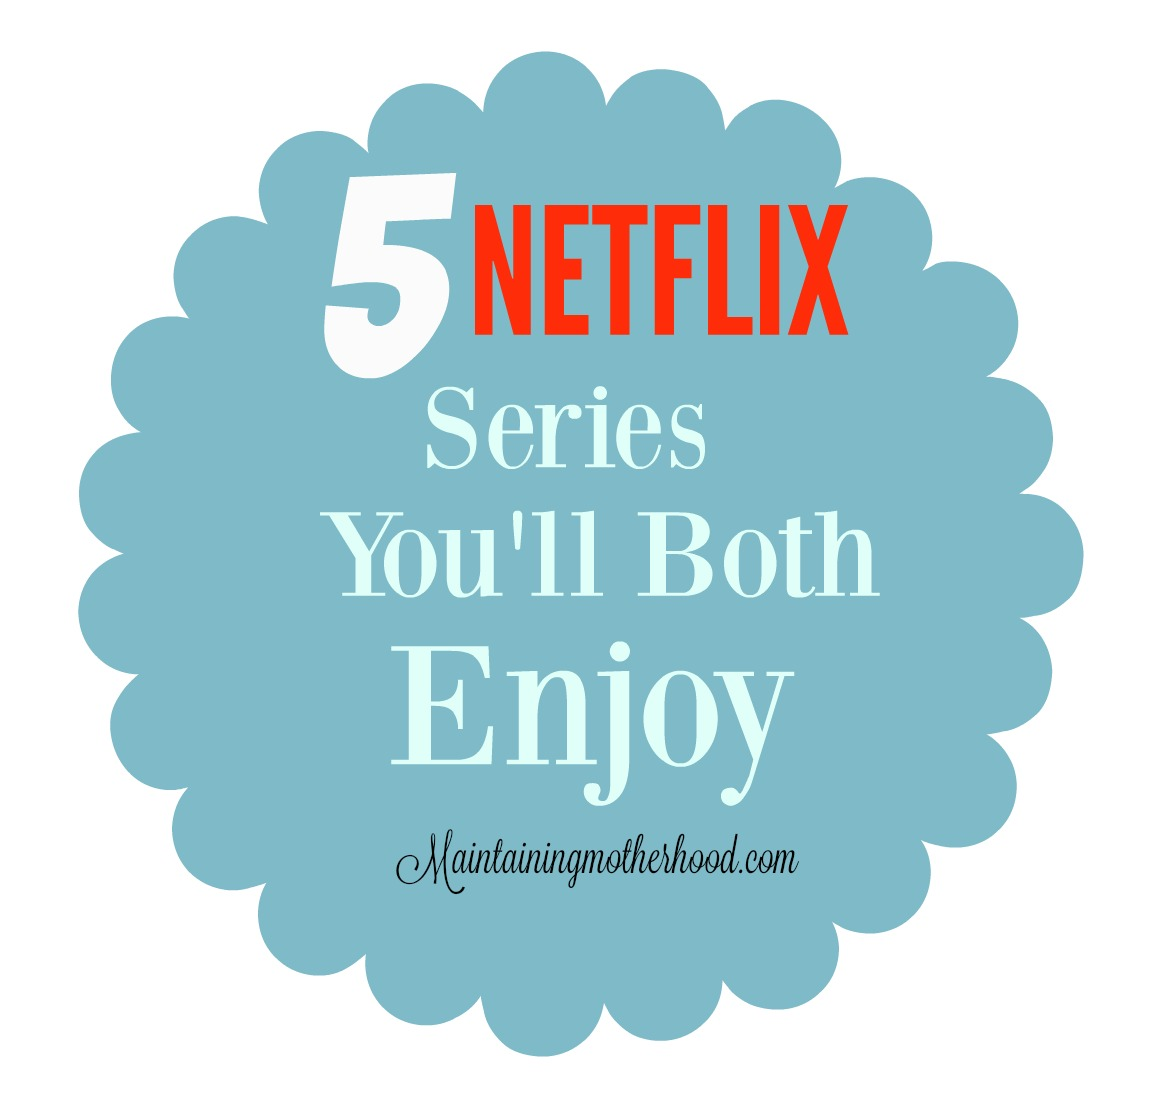 5 Netflix series you'll both enjoy